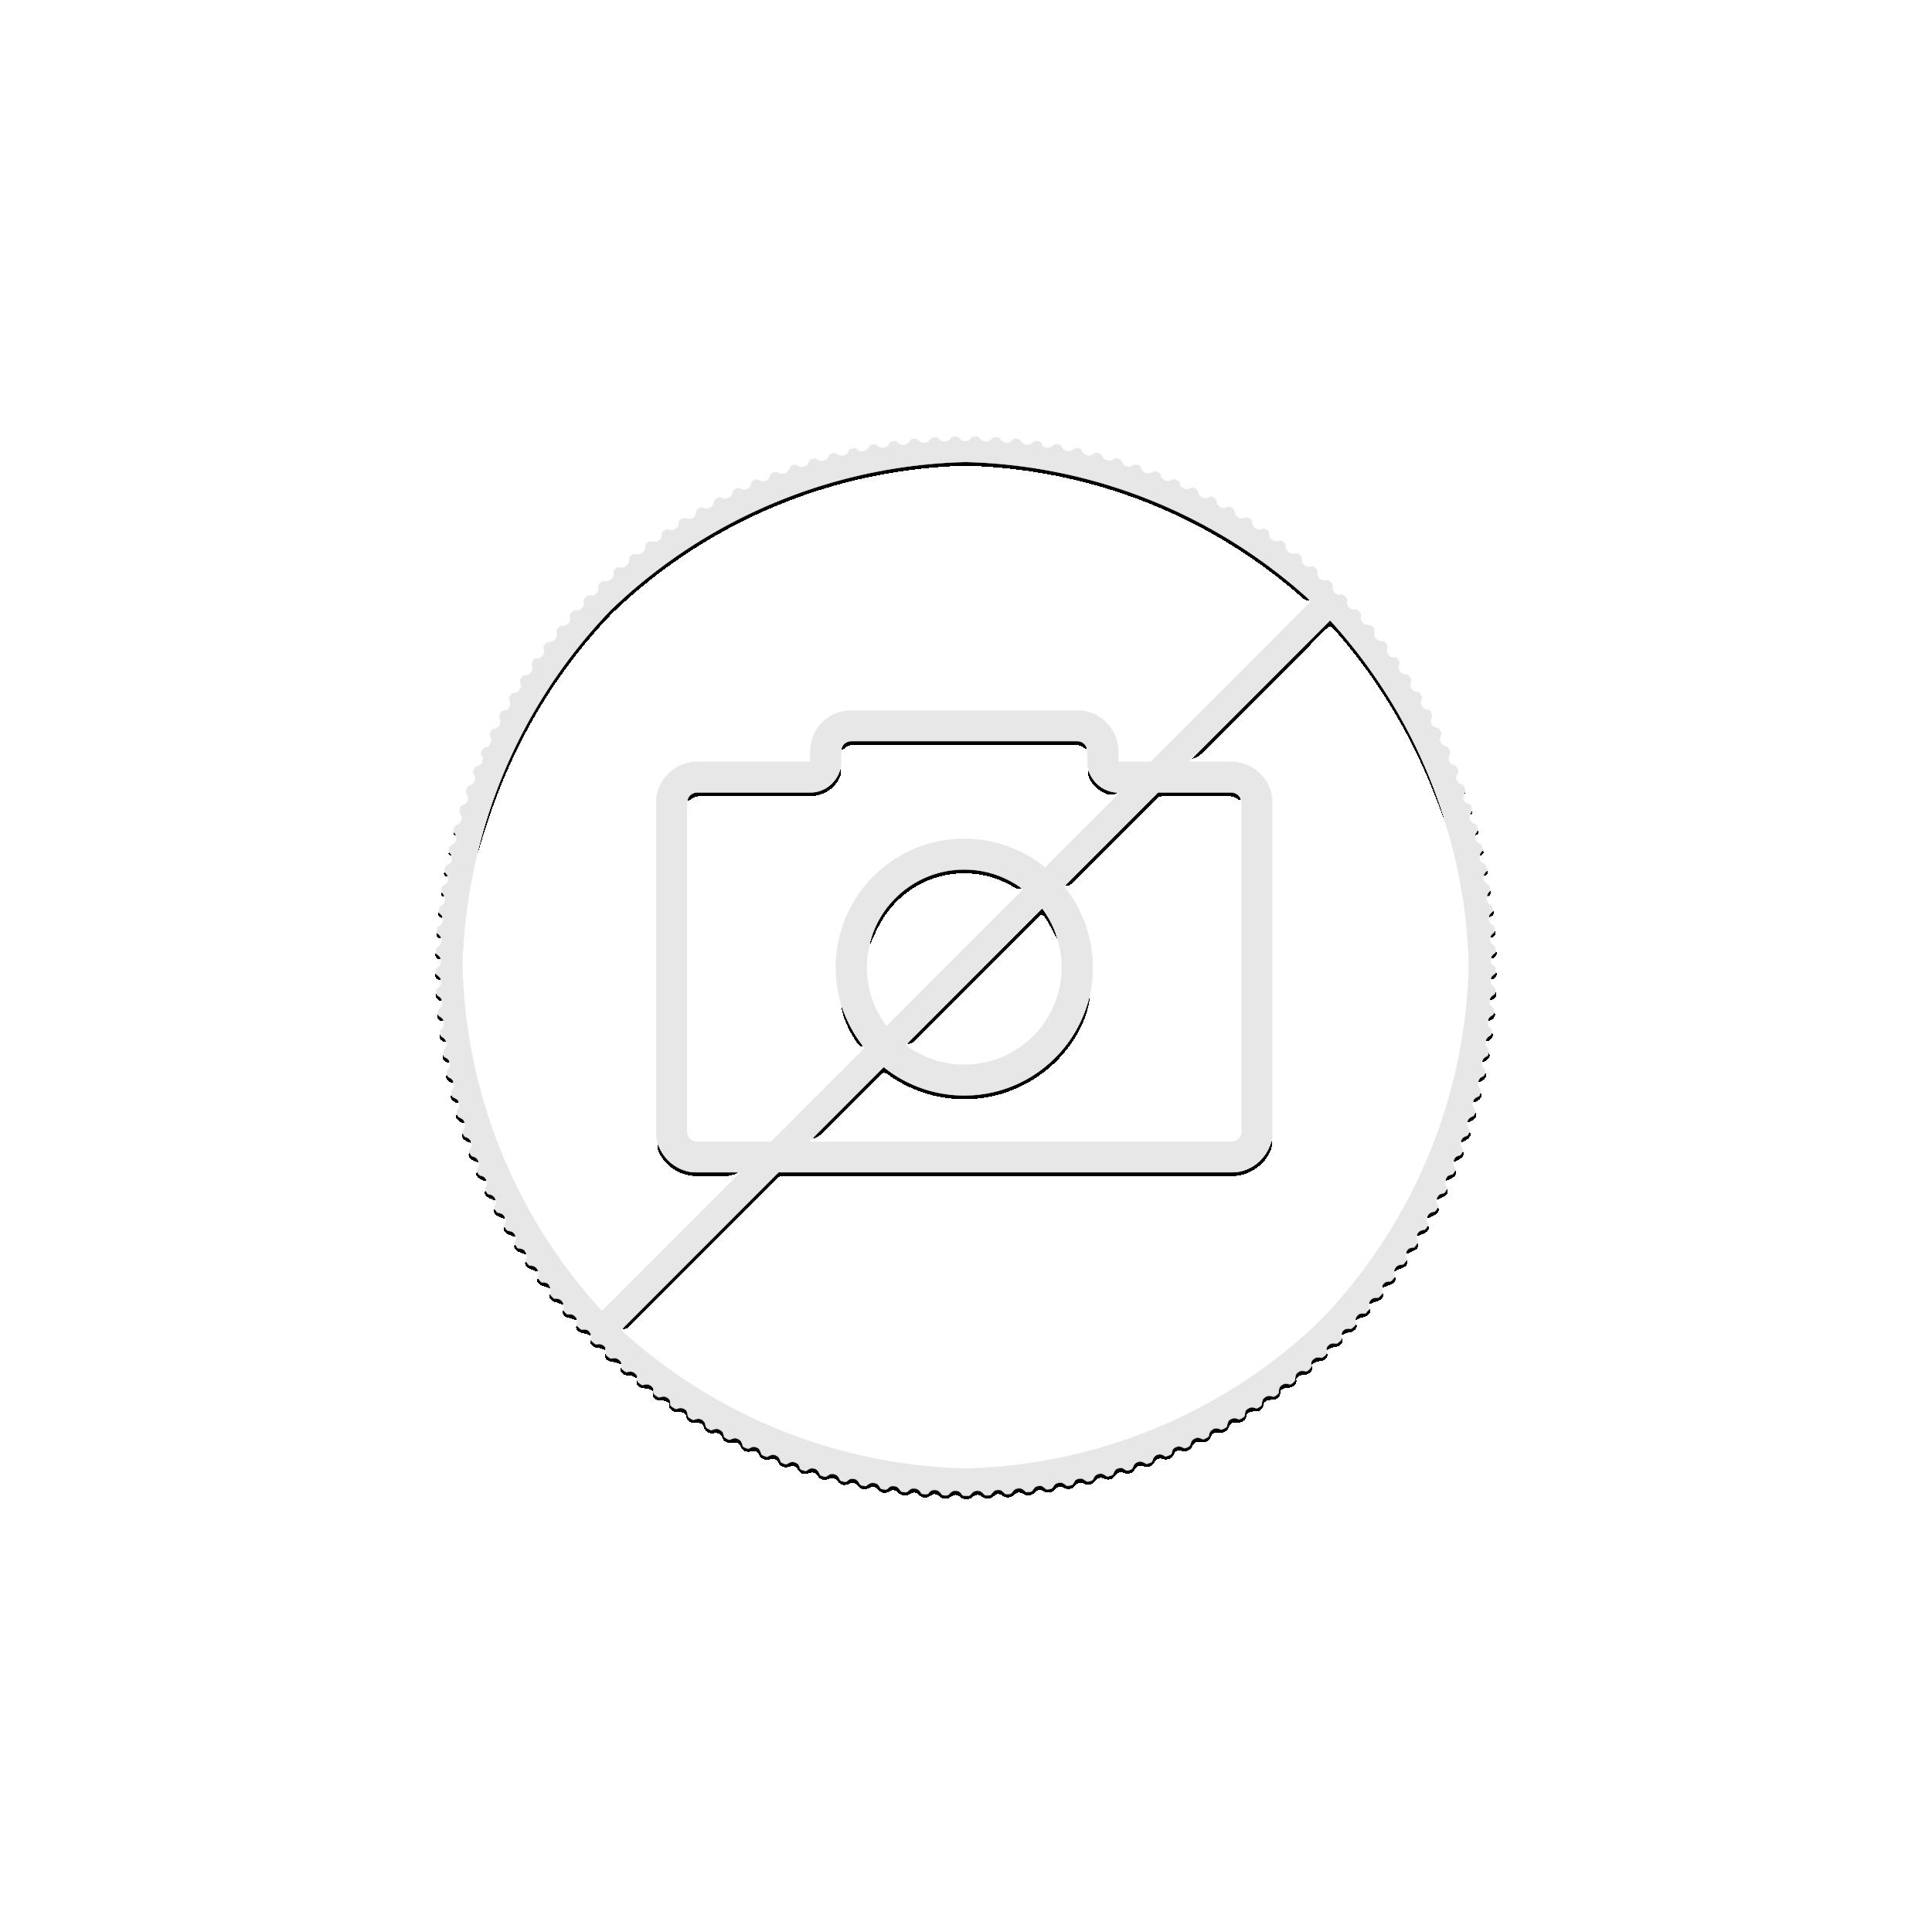 2002 kilo Kookaburra